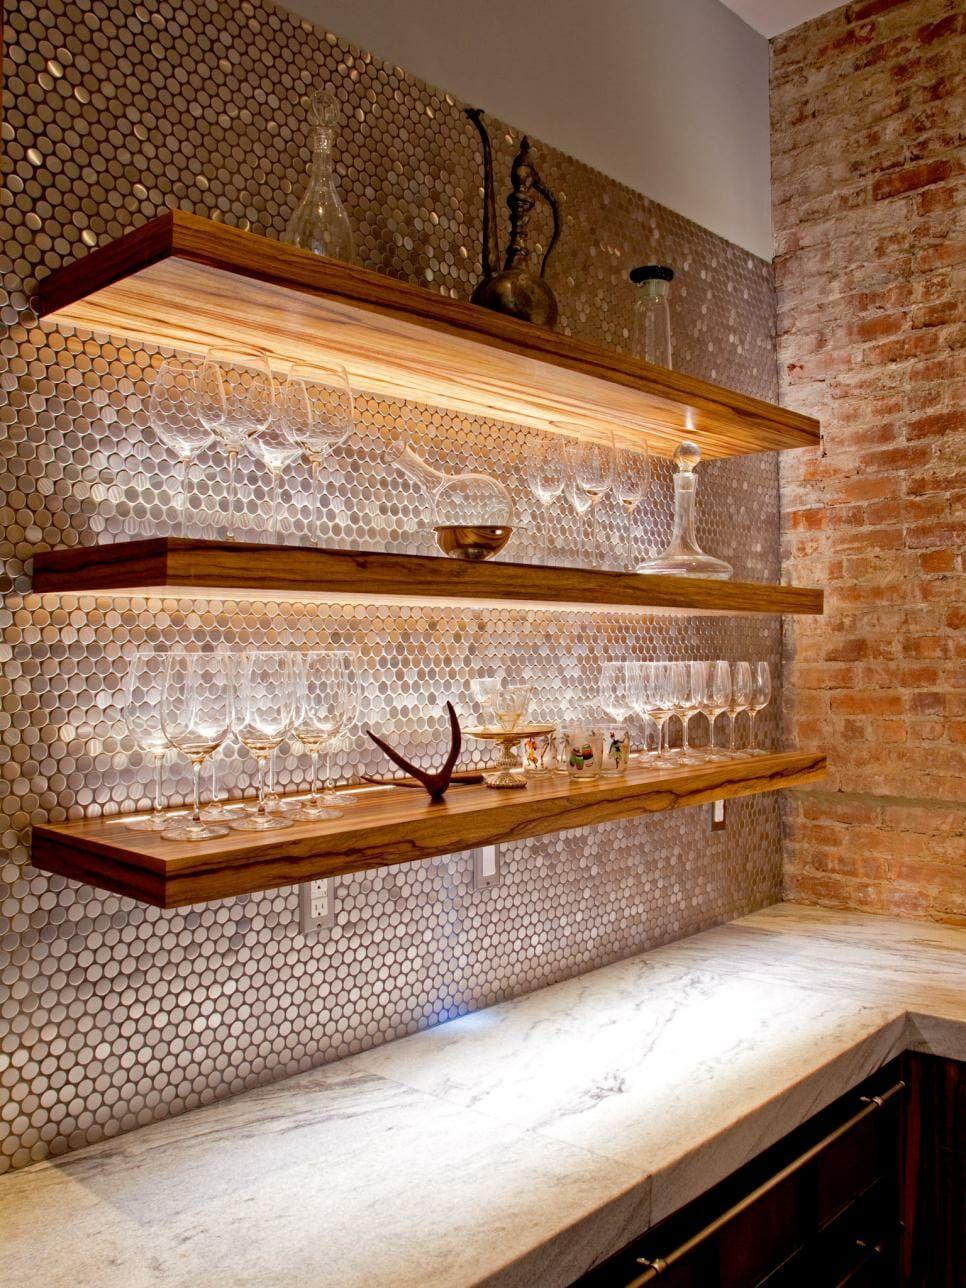 Küchendesign und fliesen gute küche backsplash design um ihre eigene einzigartige küche zu